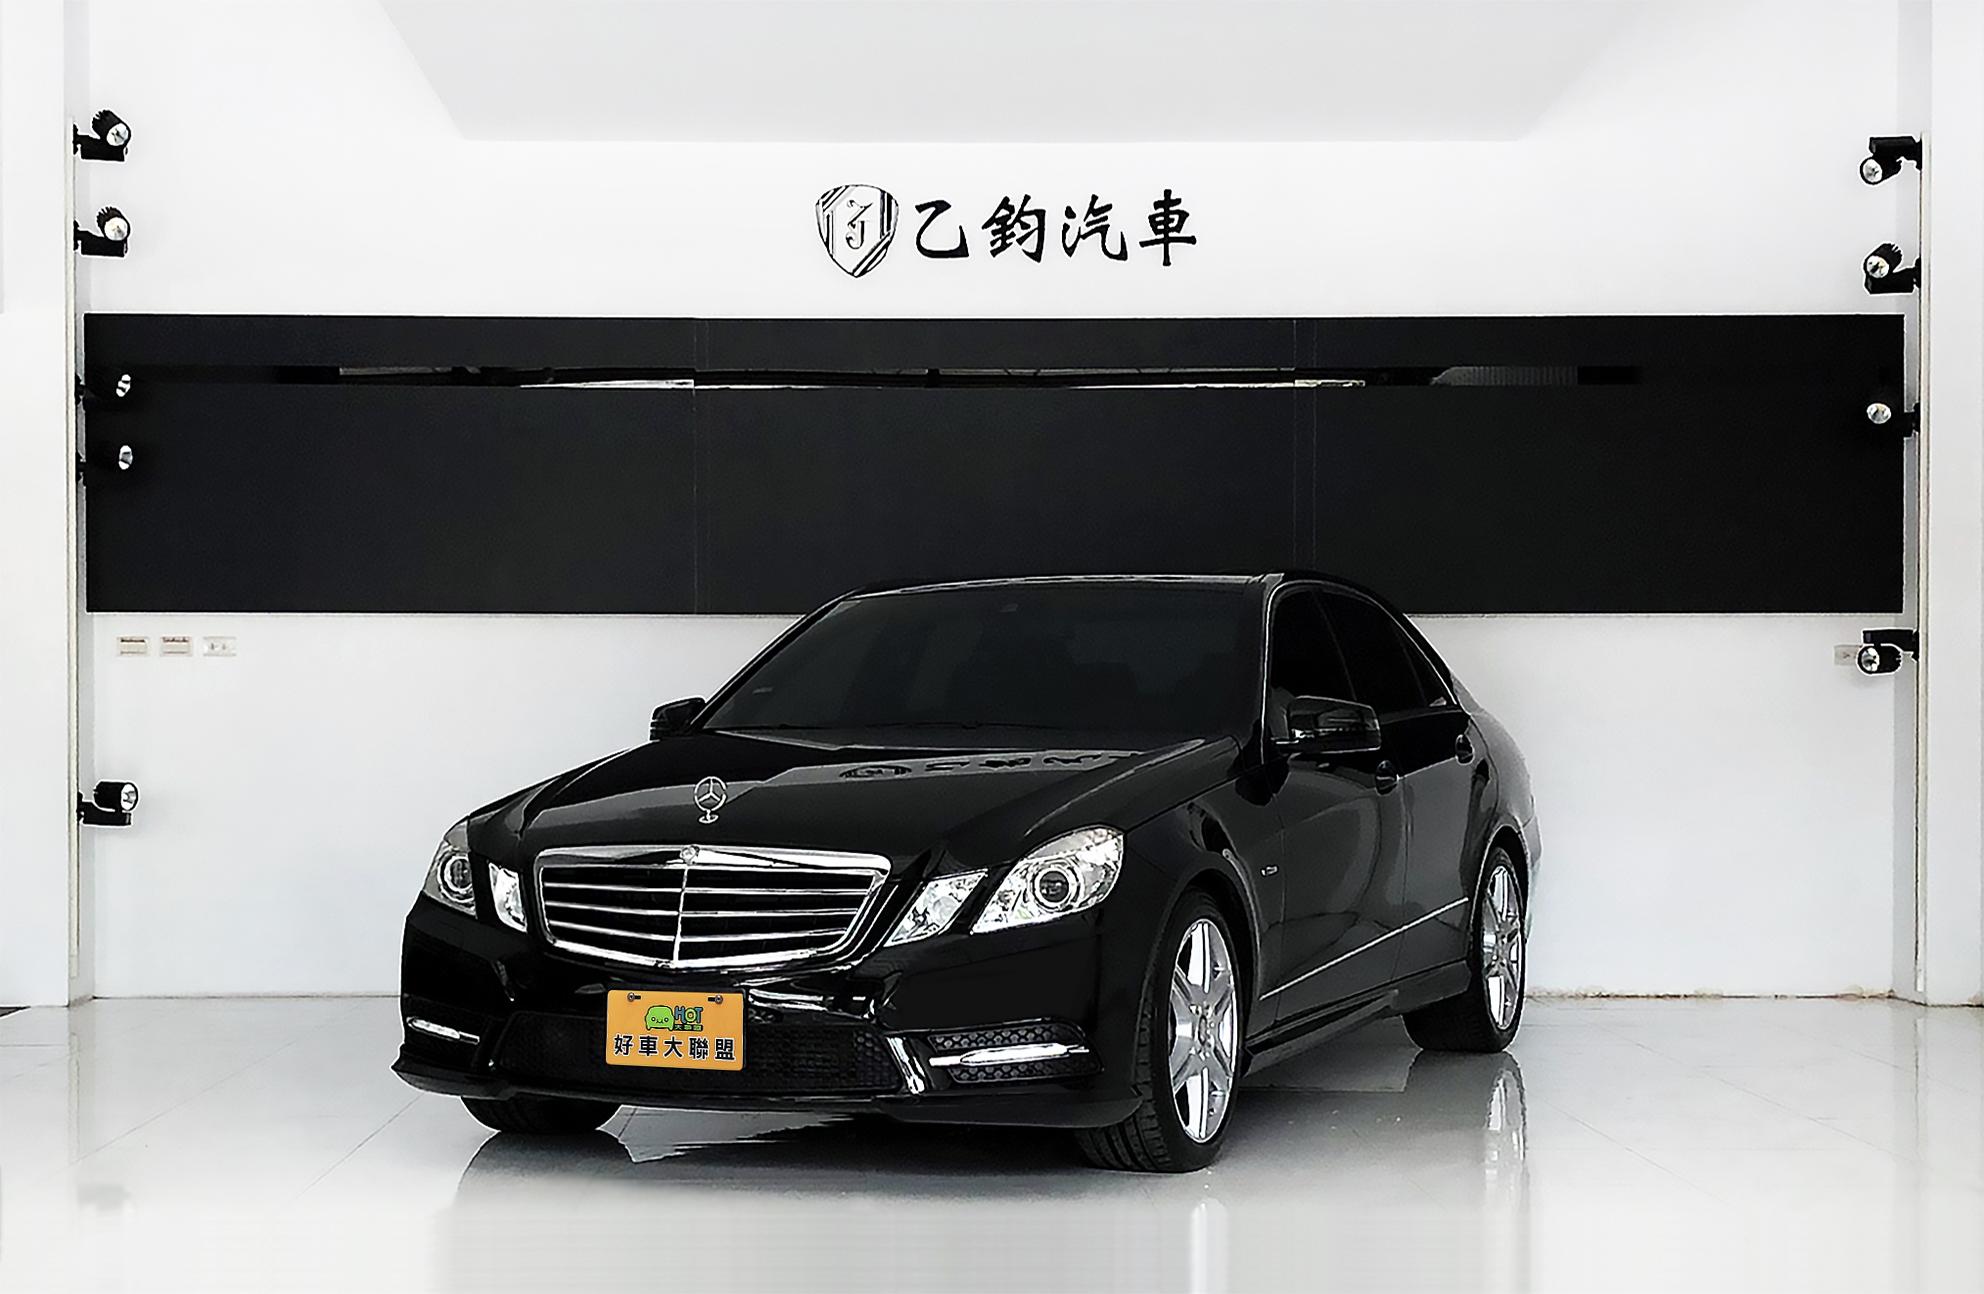 2012 M-Benz 賓士 E-class